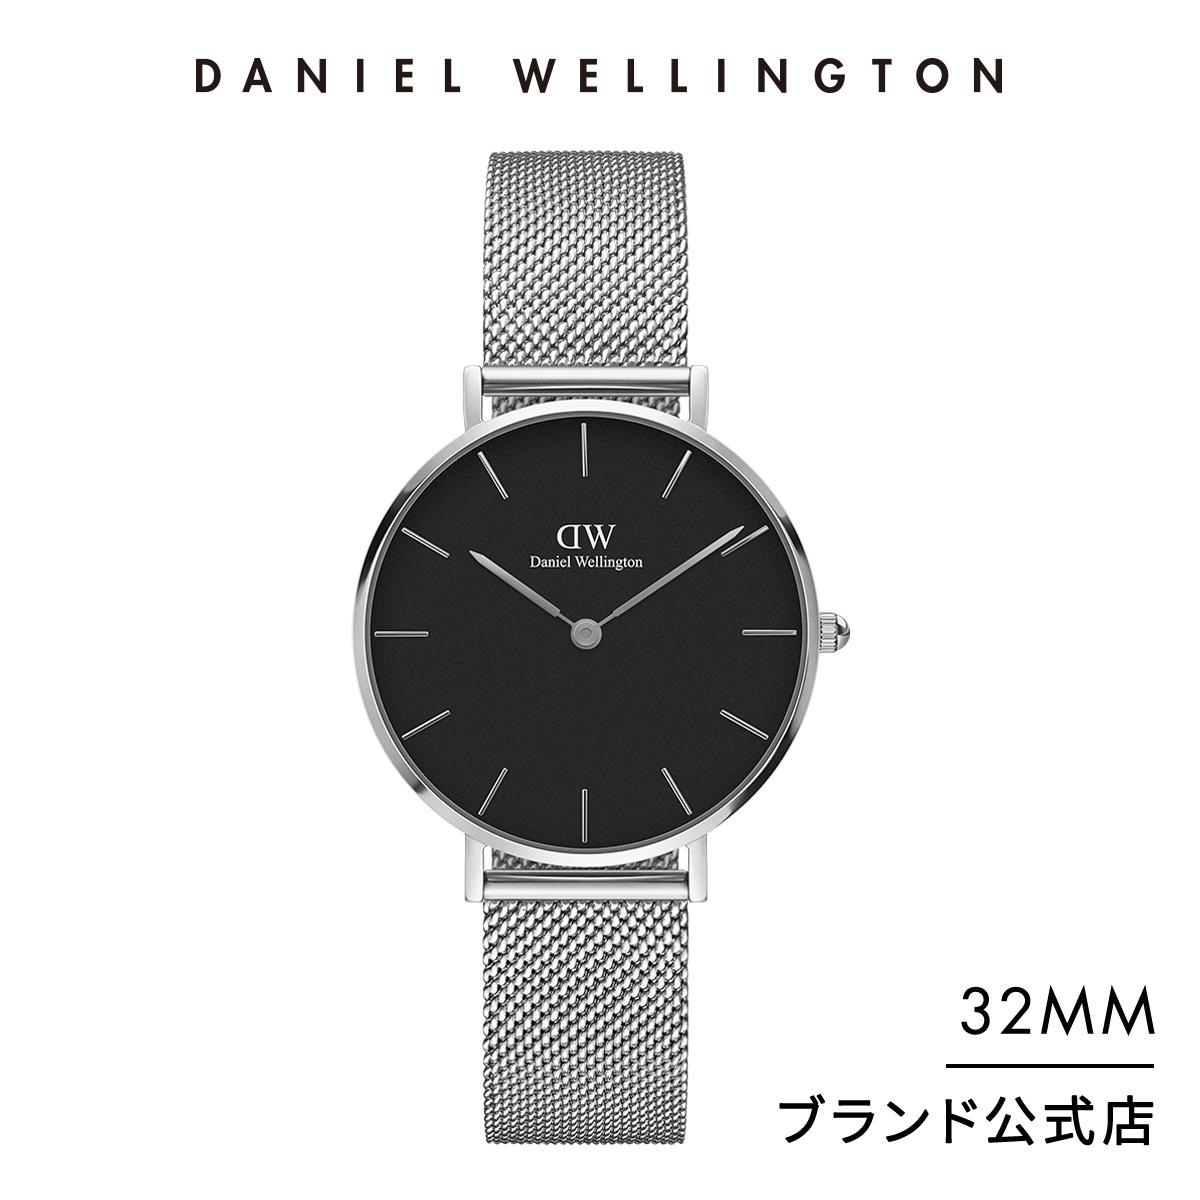 【公式2年保証/送料無料】ダニエルウェリントン公式 レディース 腕時計 Petite Sterling Black 32mm メッシュ ベルト クラシック ぺティート スターリング ブラック DW プレゼント おしゃれ インスタ映え